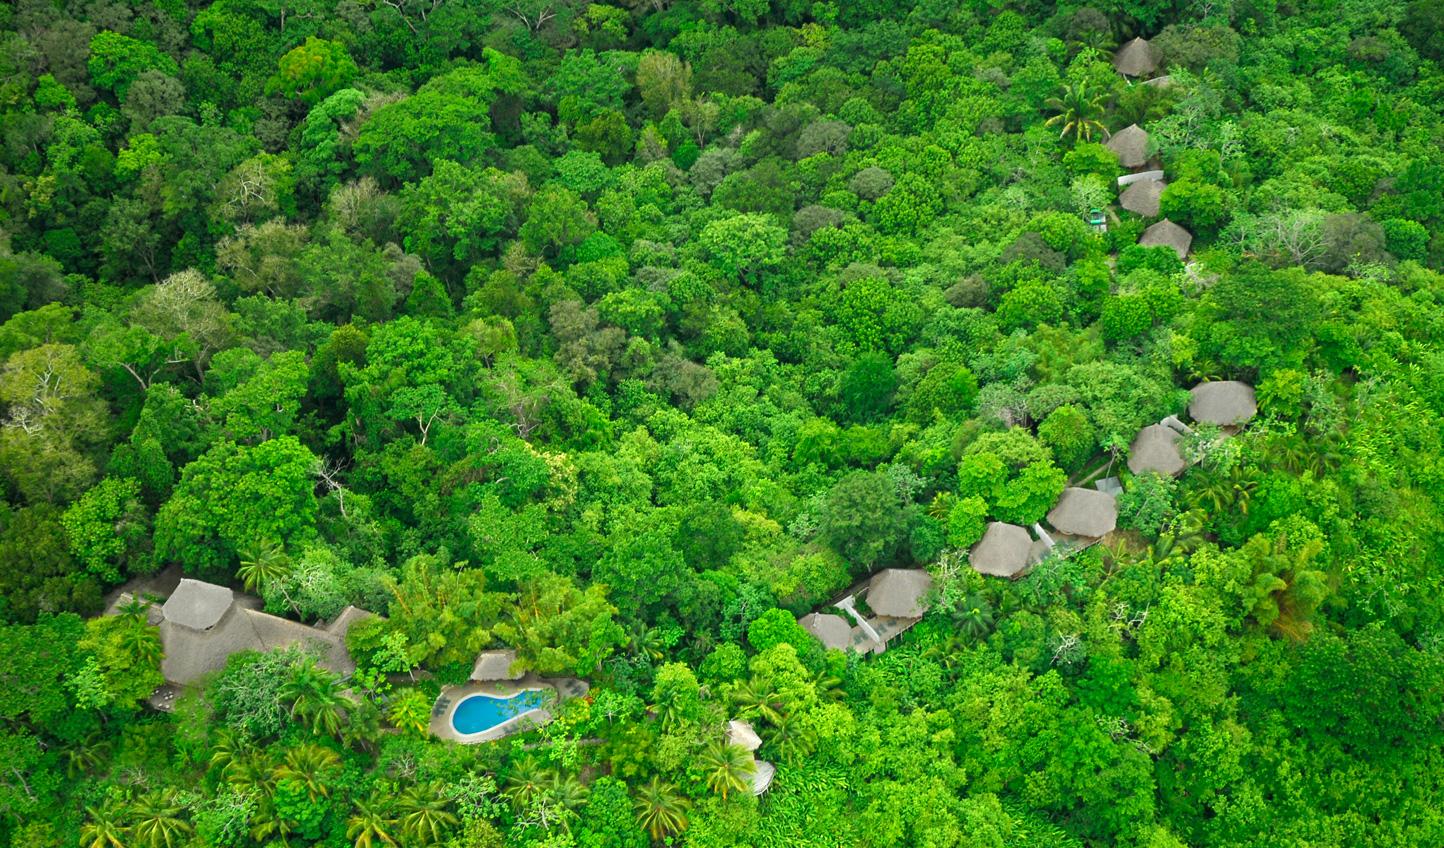 Hideaway in the Costa Rican jungle